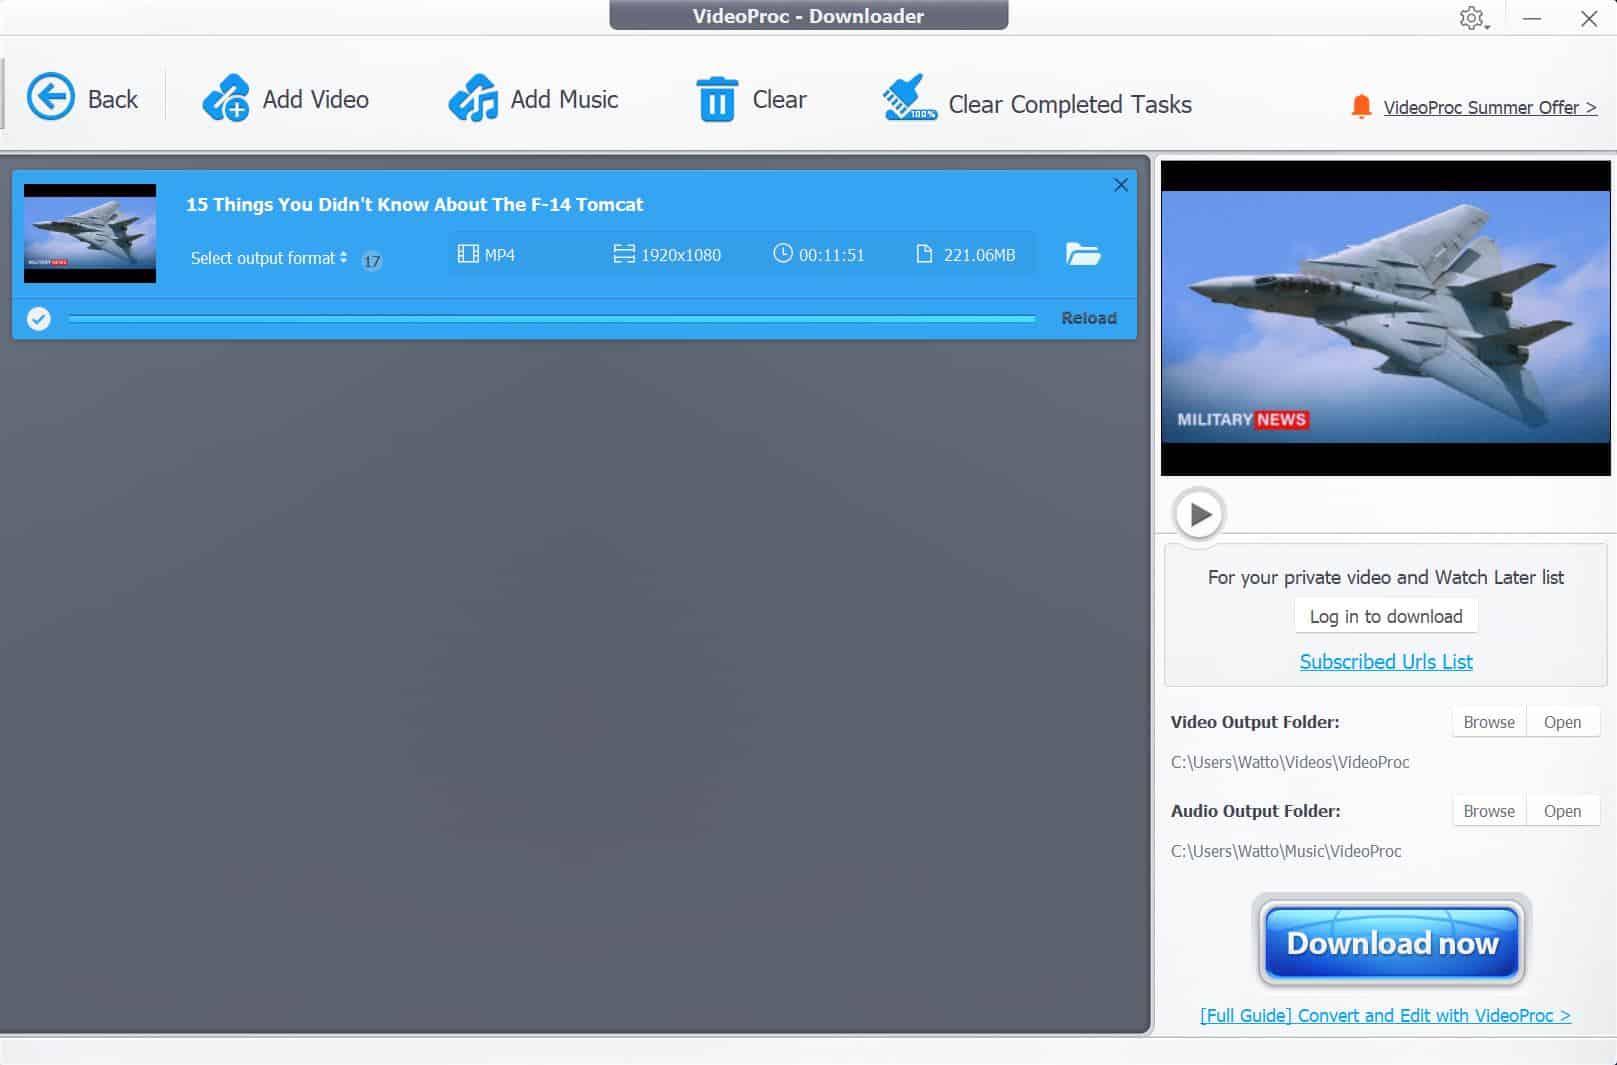 Download VideoProc